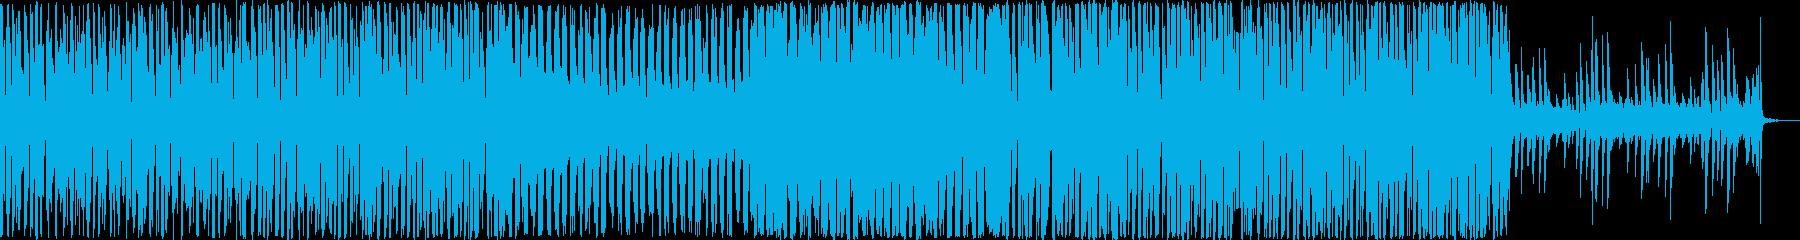 かわいい・ワクワクな印象のエレクトロニカの再生済みの波形